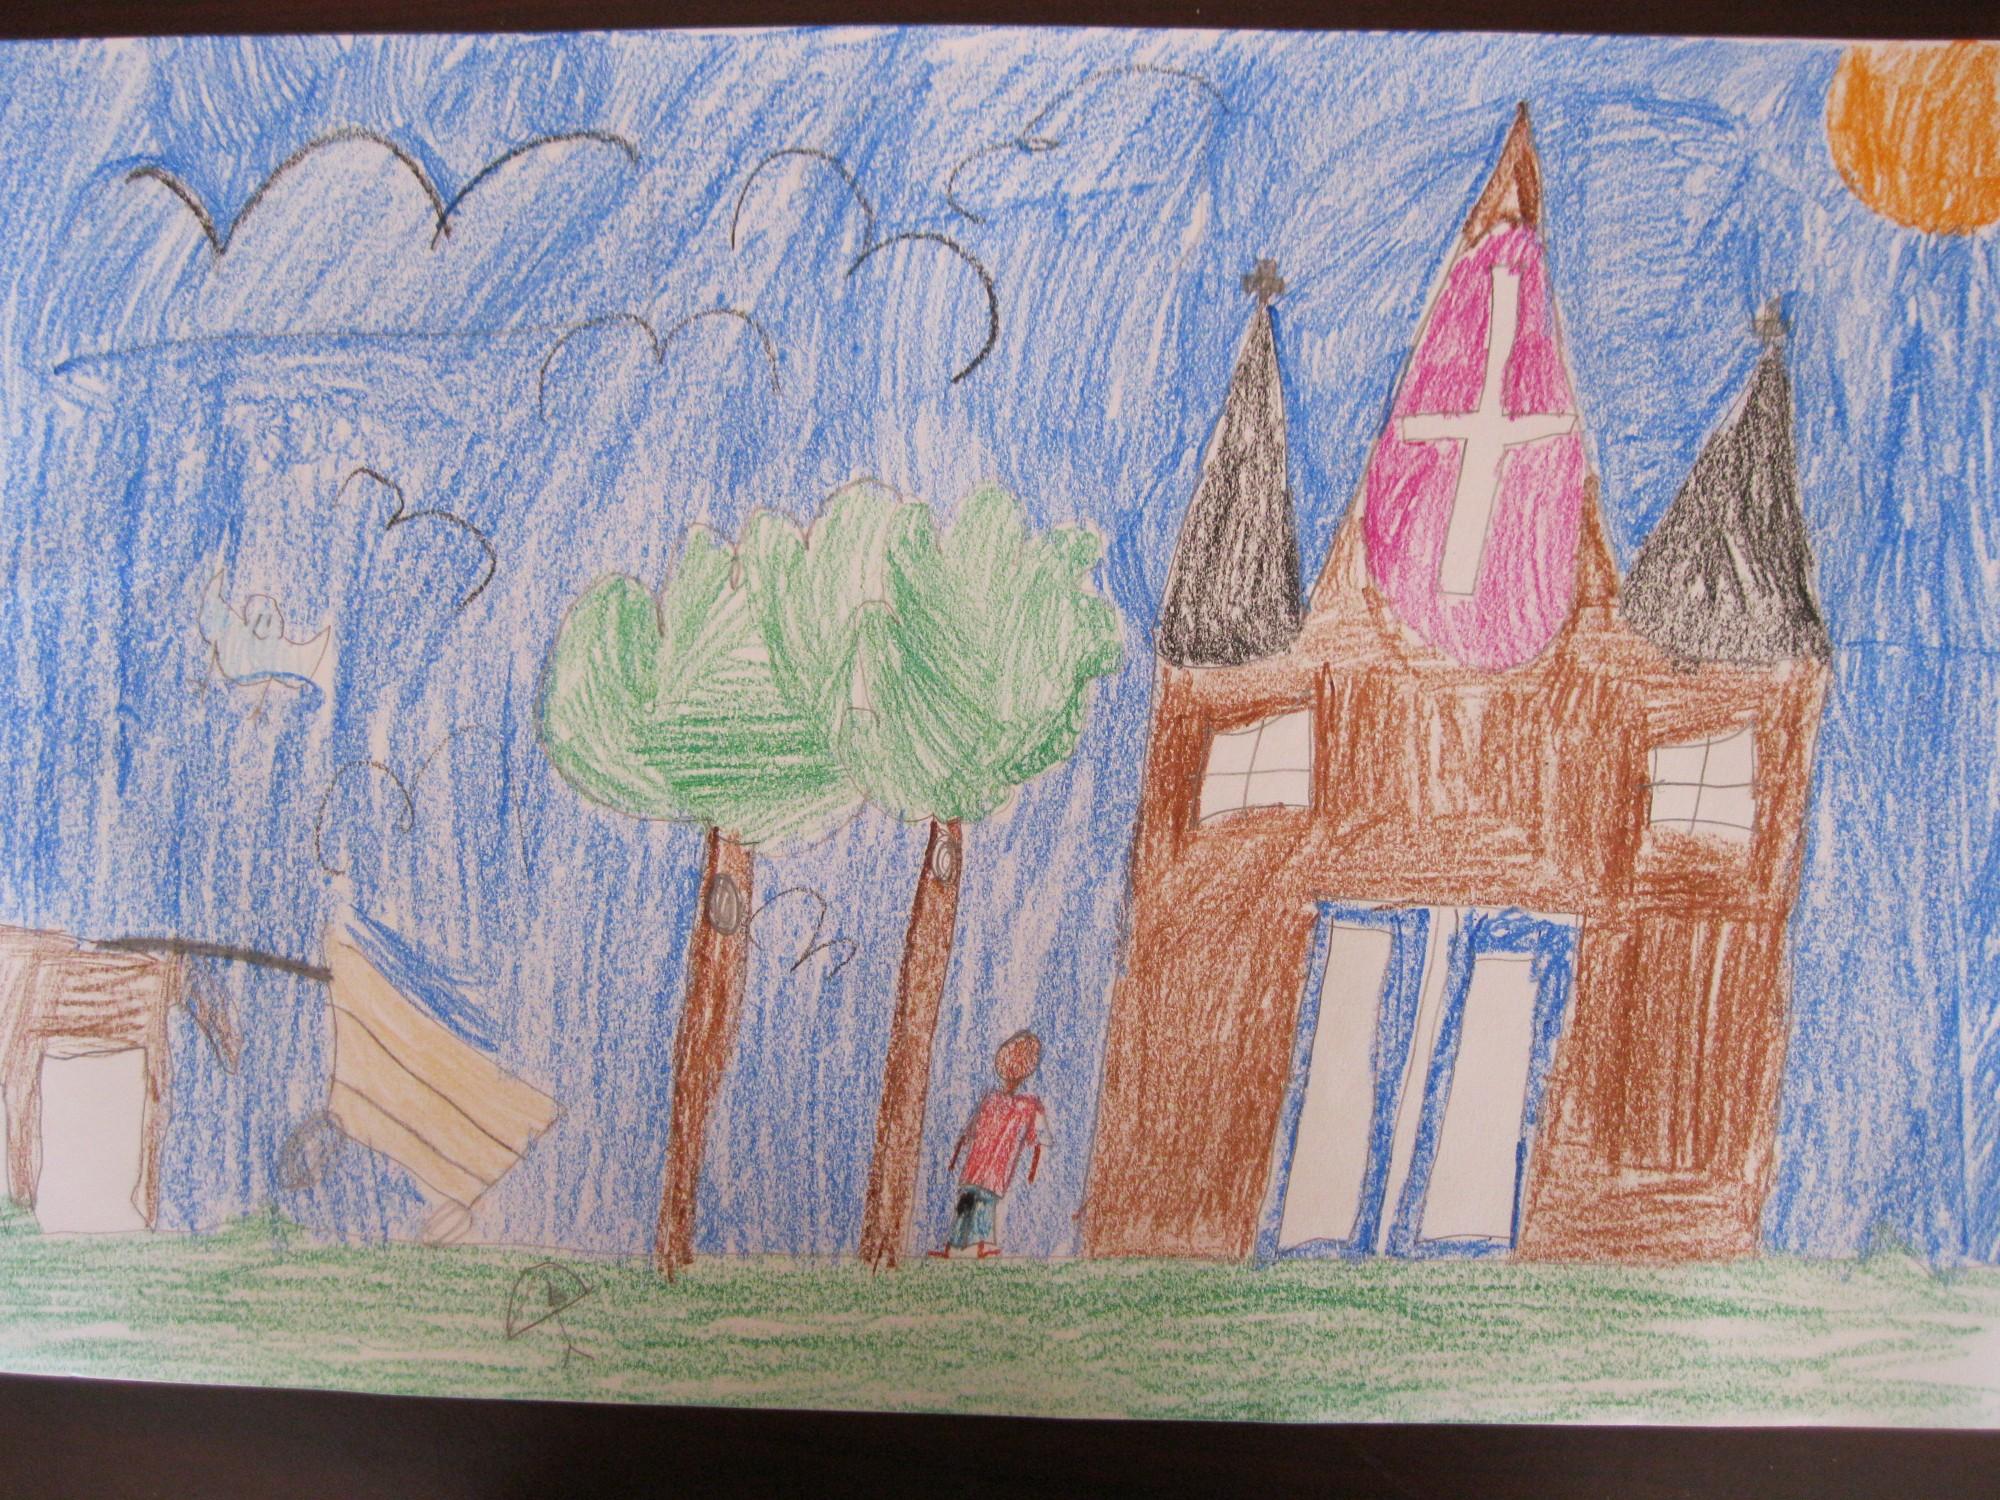 Austin Roebuck, 2nd Grade